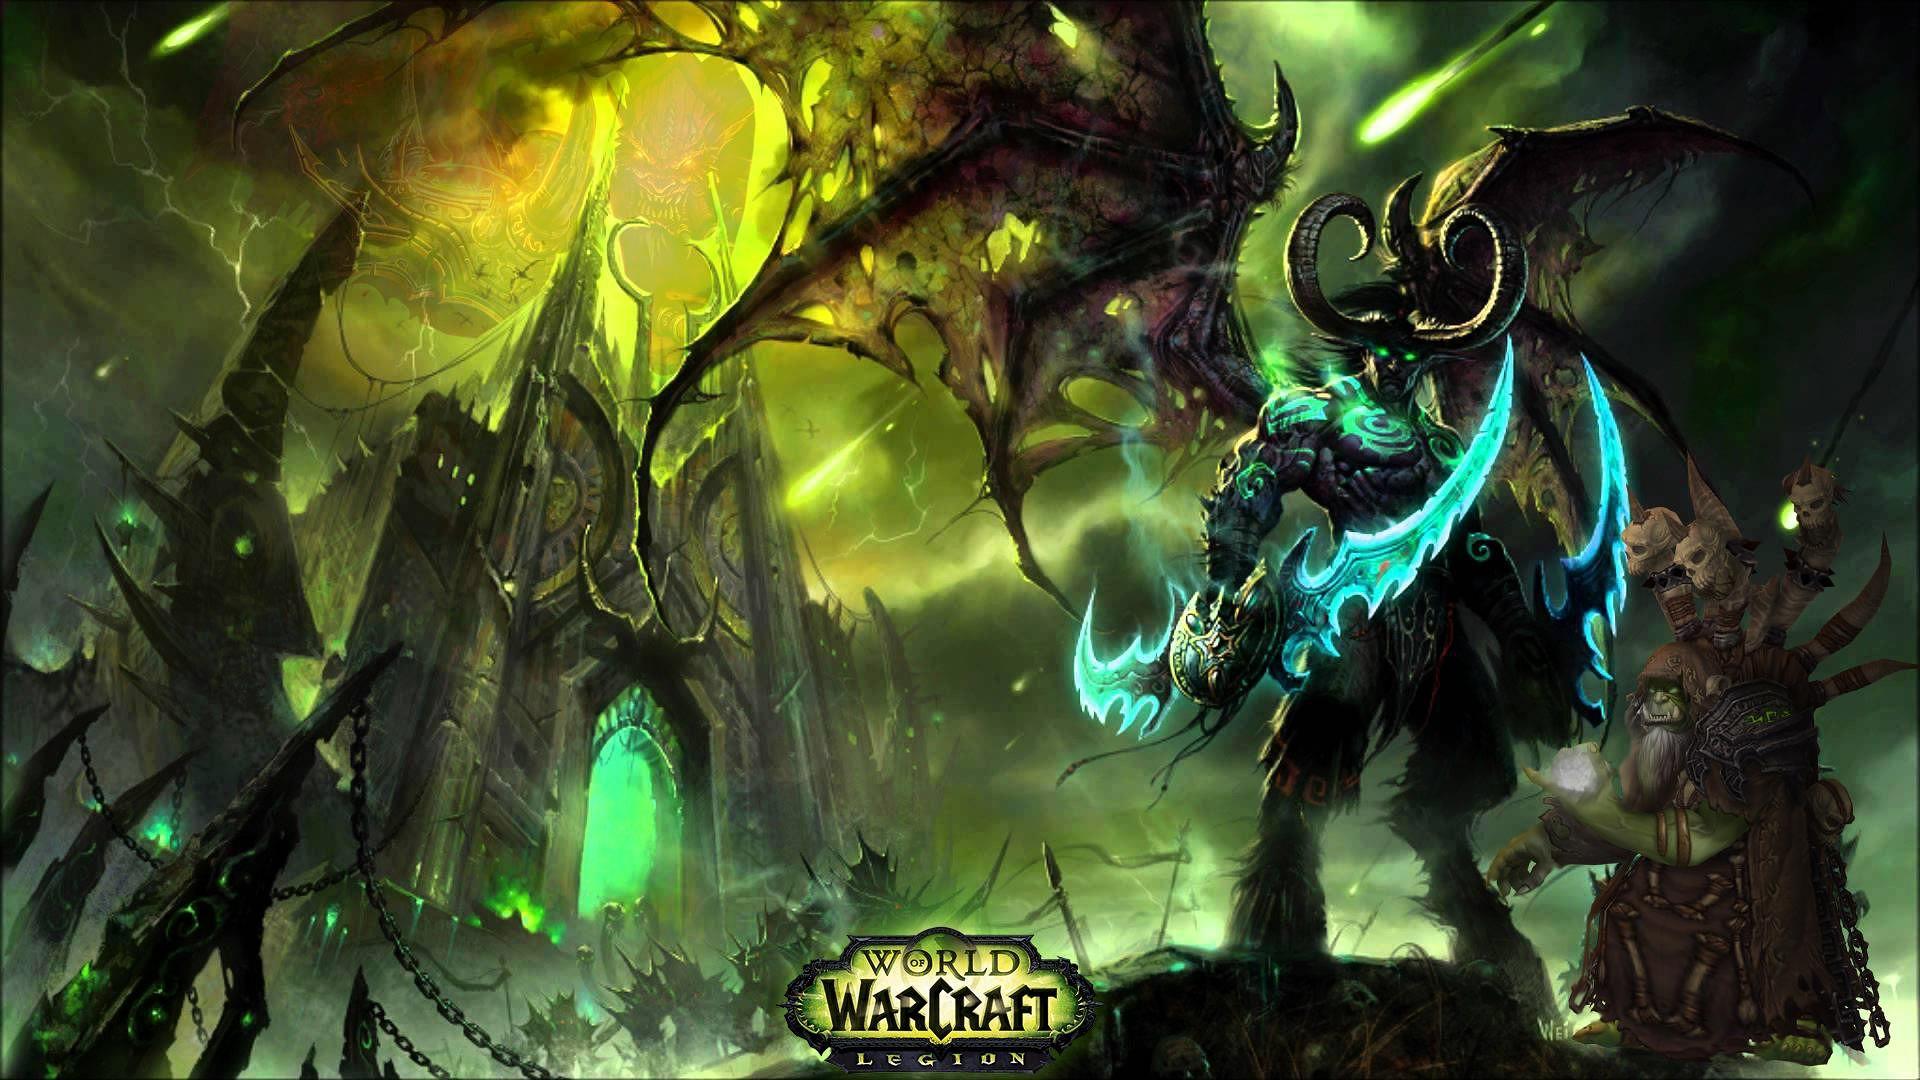 World of Warcraft Legion Wallpapers in Ultra HD | 4K